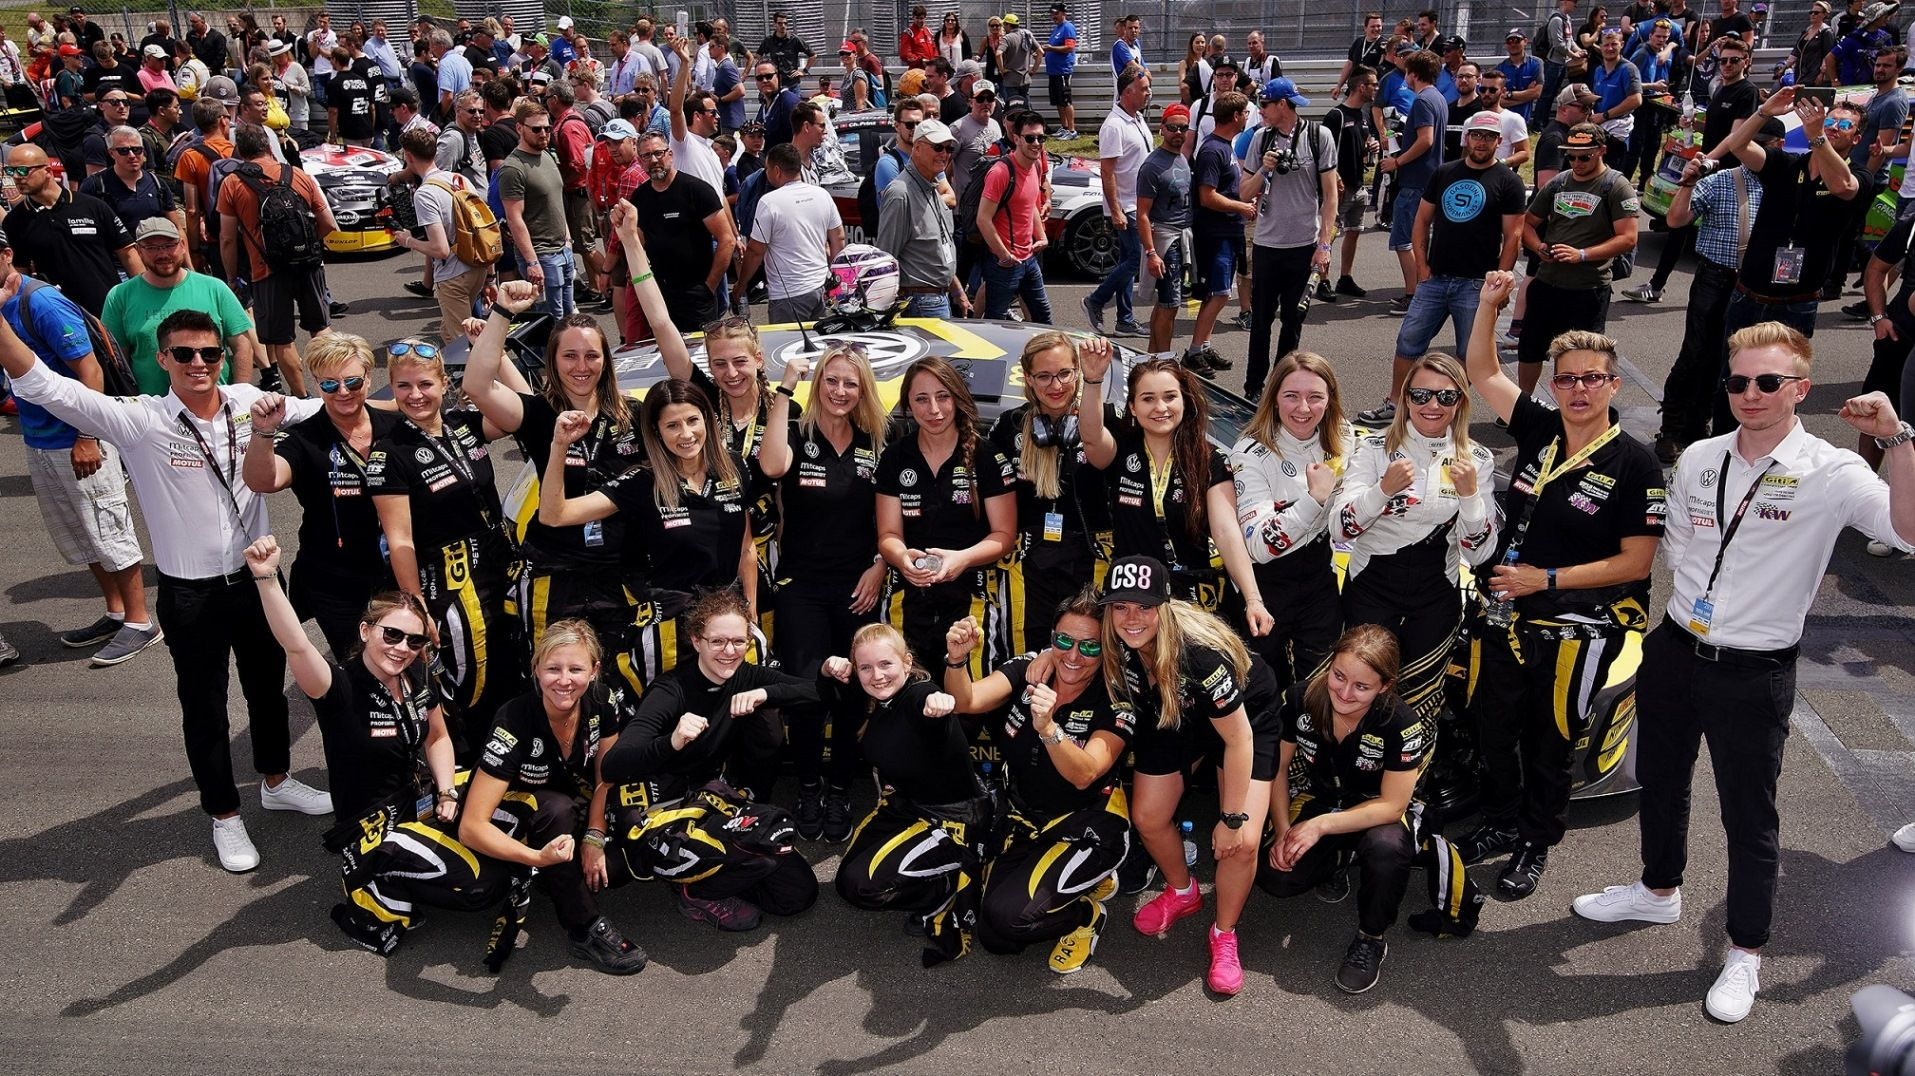 Foto de Equipo de automovilismo enteramente femenino de Giti Tire